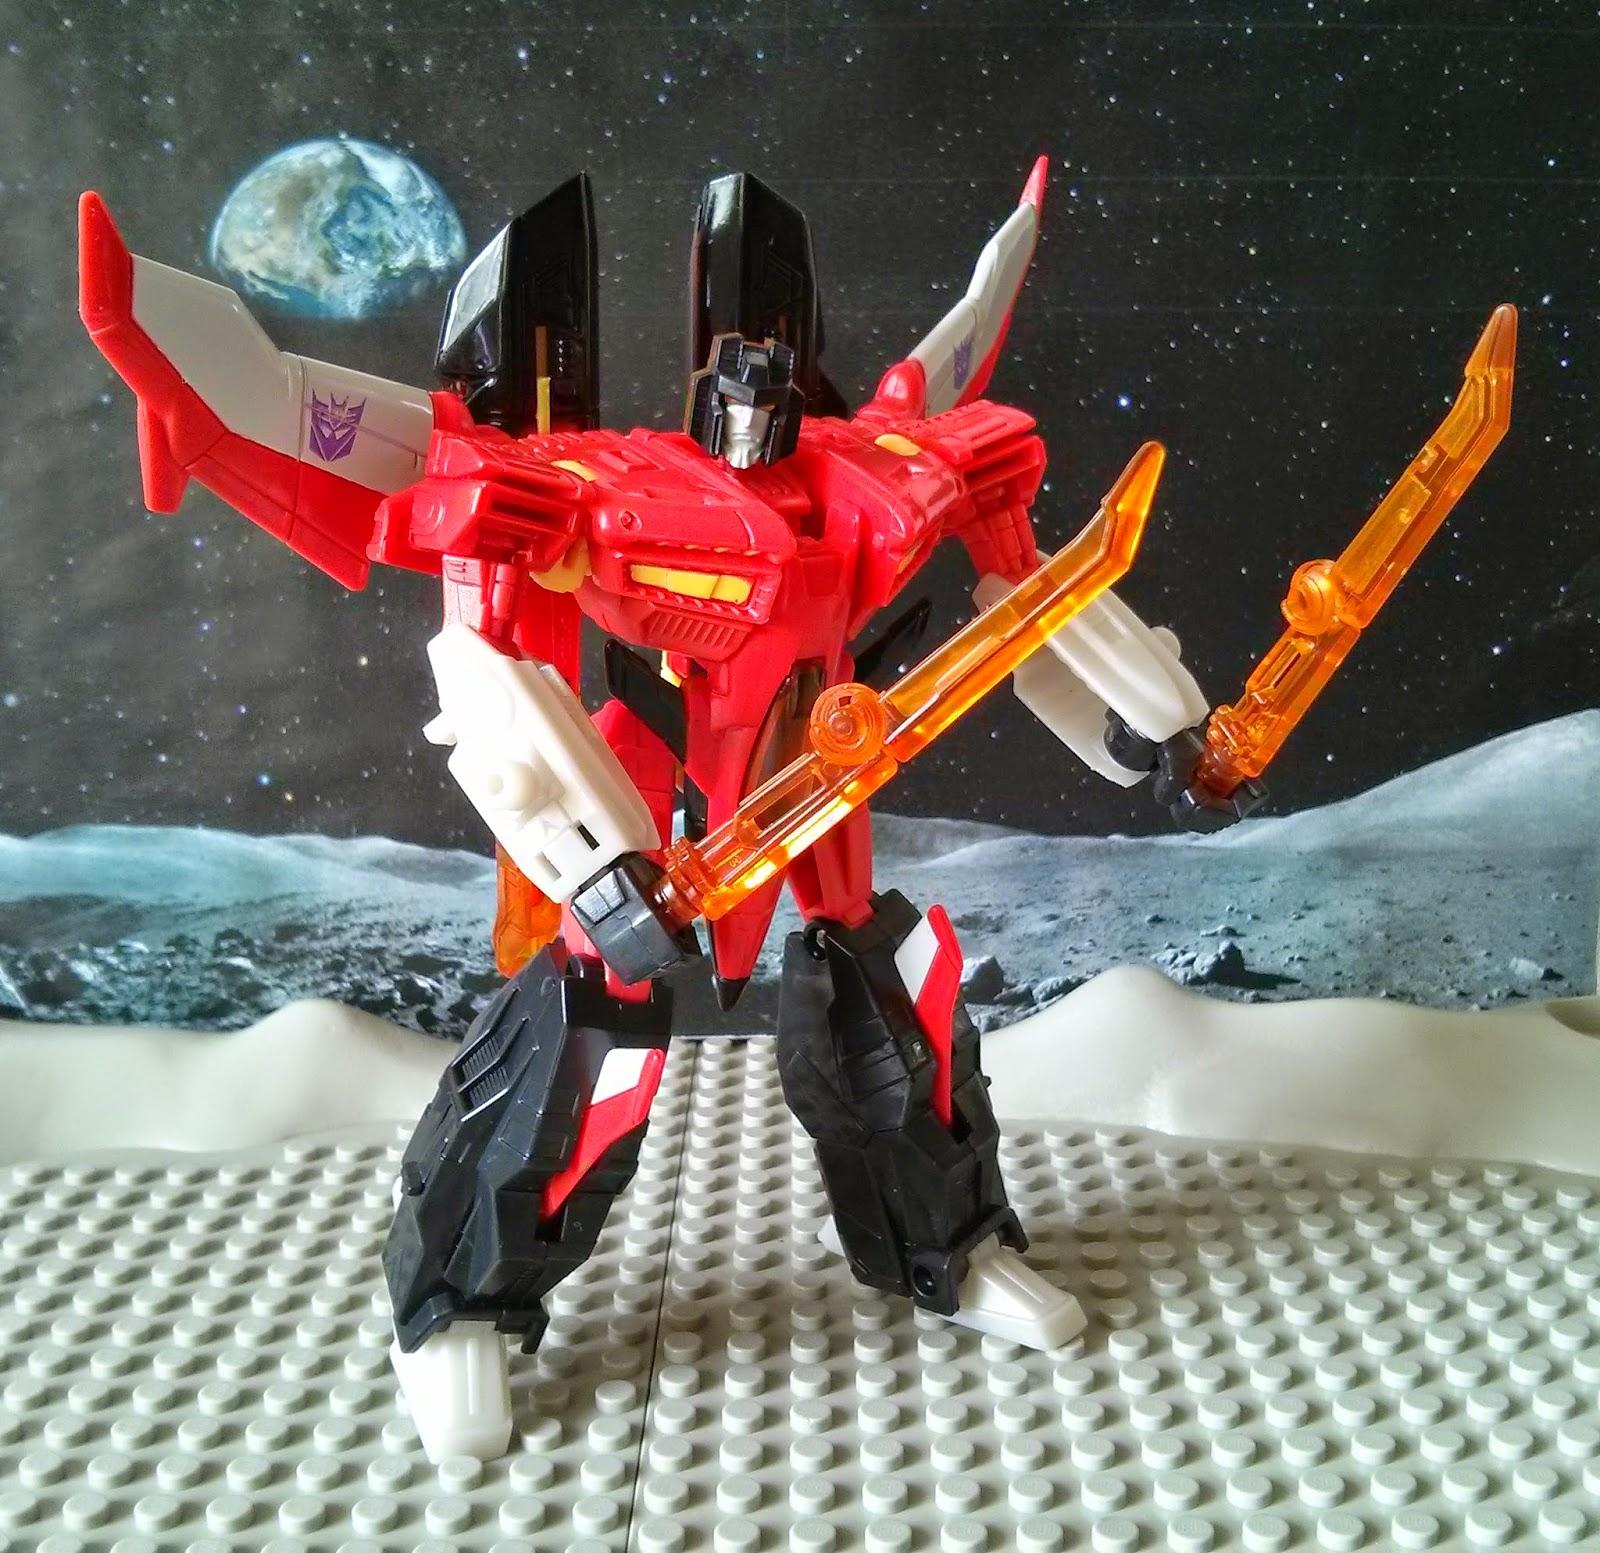 starscreams energon swords.